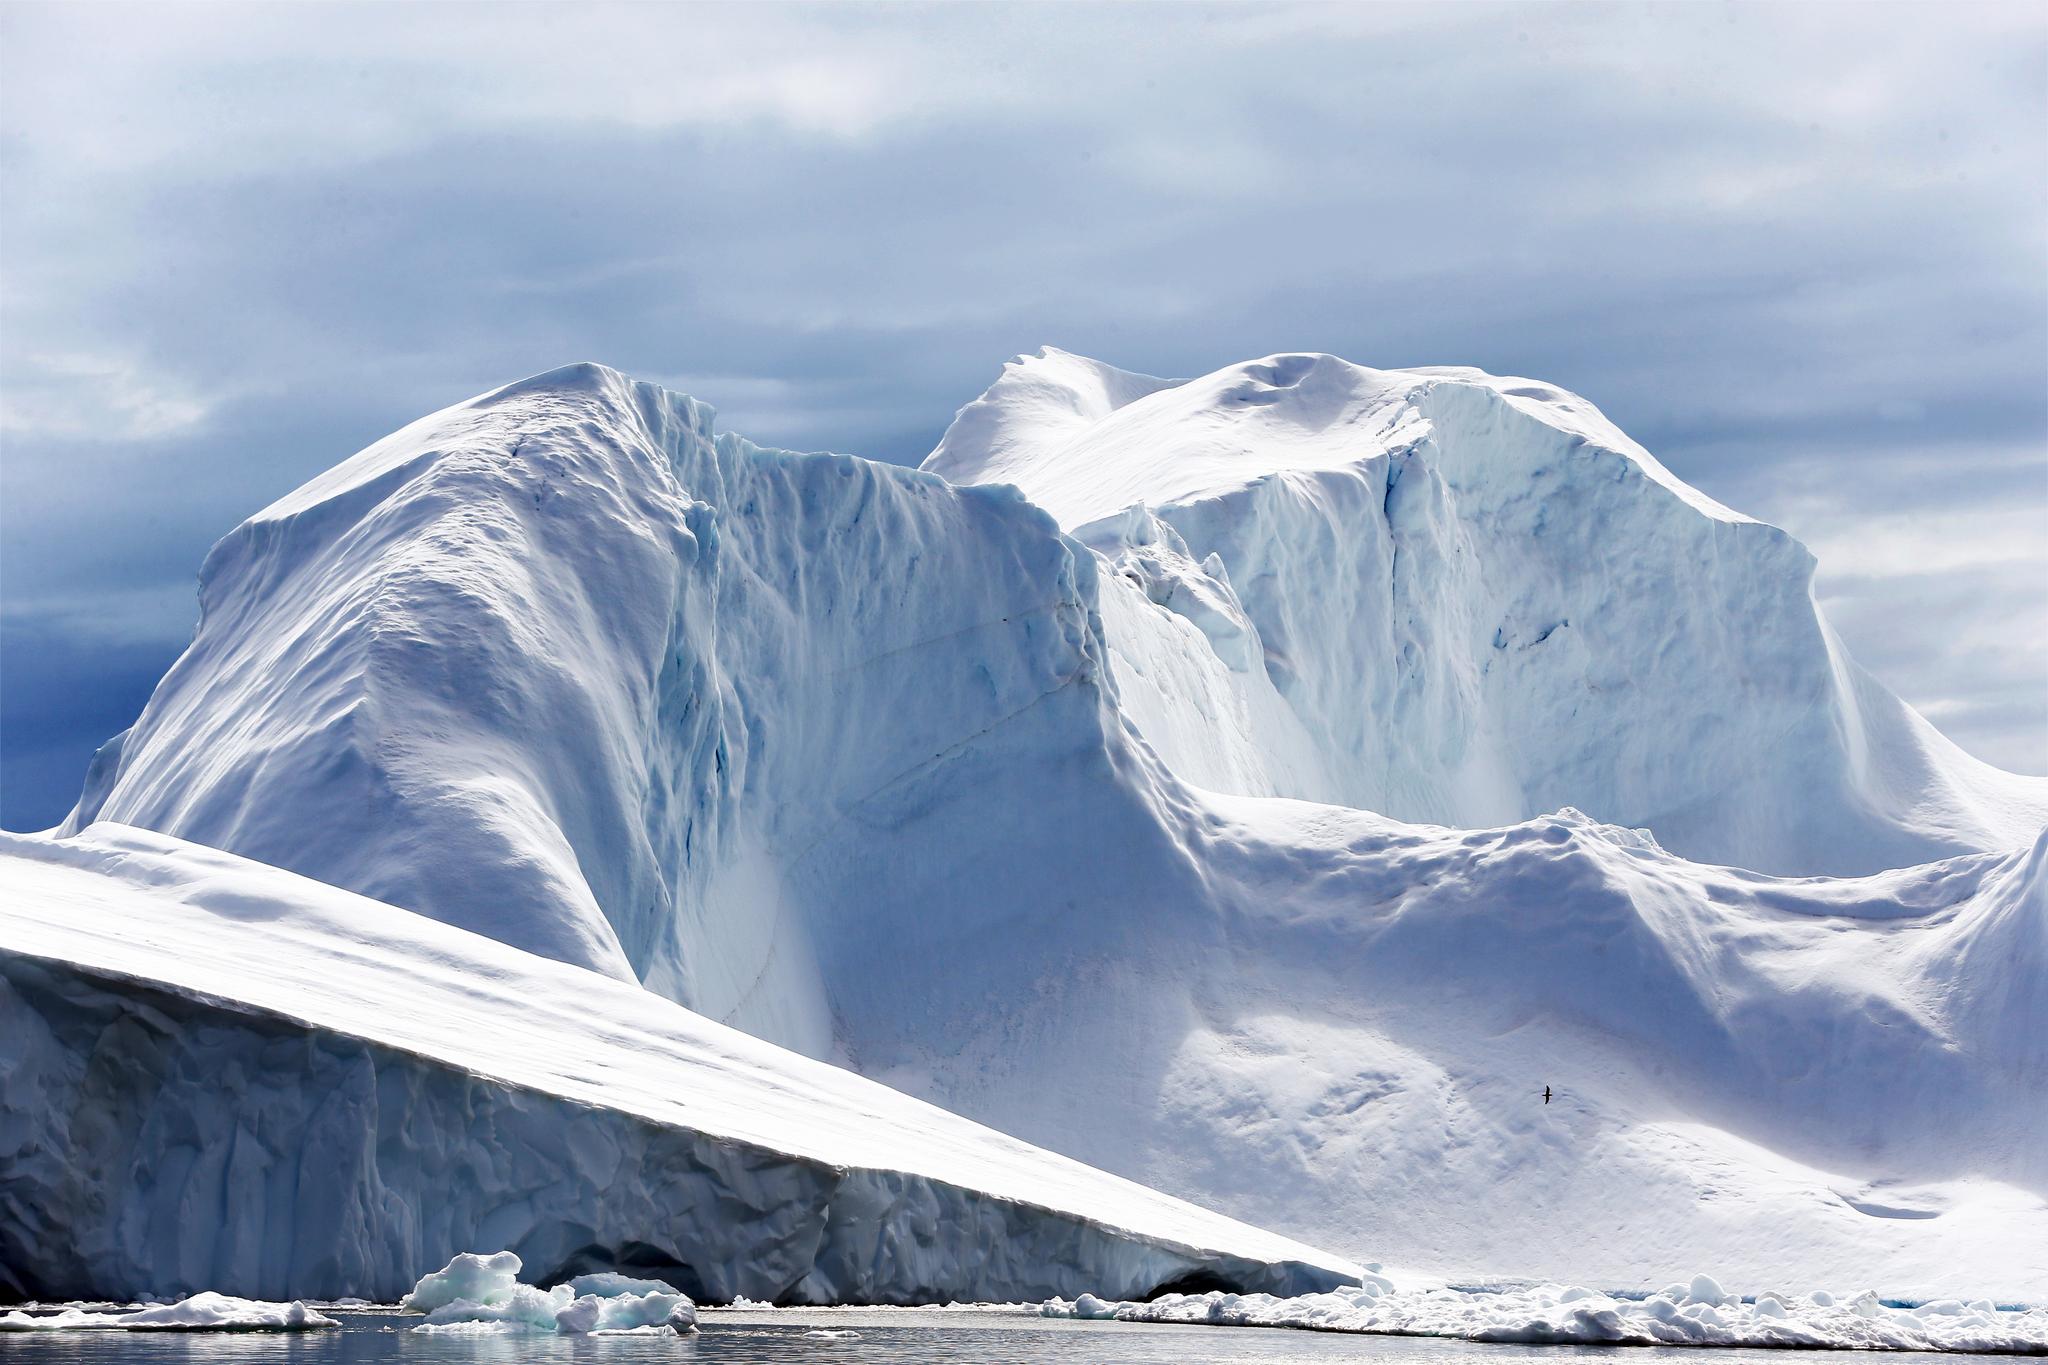 그린란드 일루리삿 빙산. 지구온난화가 계속될 경우 극지방의 빙하기 녹아내려 해수면이 상승할 것이란 우려가 제기되고 있다.[중앙포토]